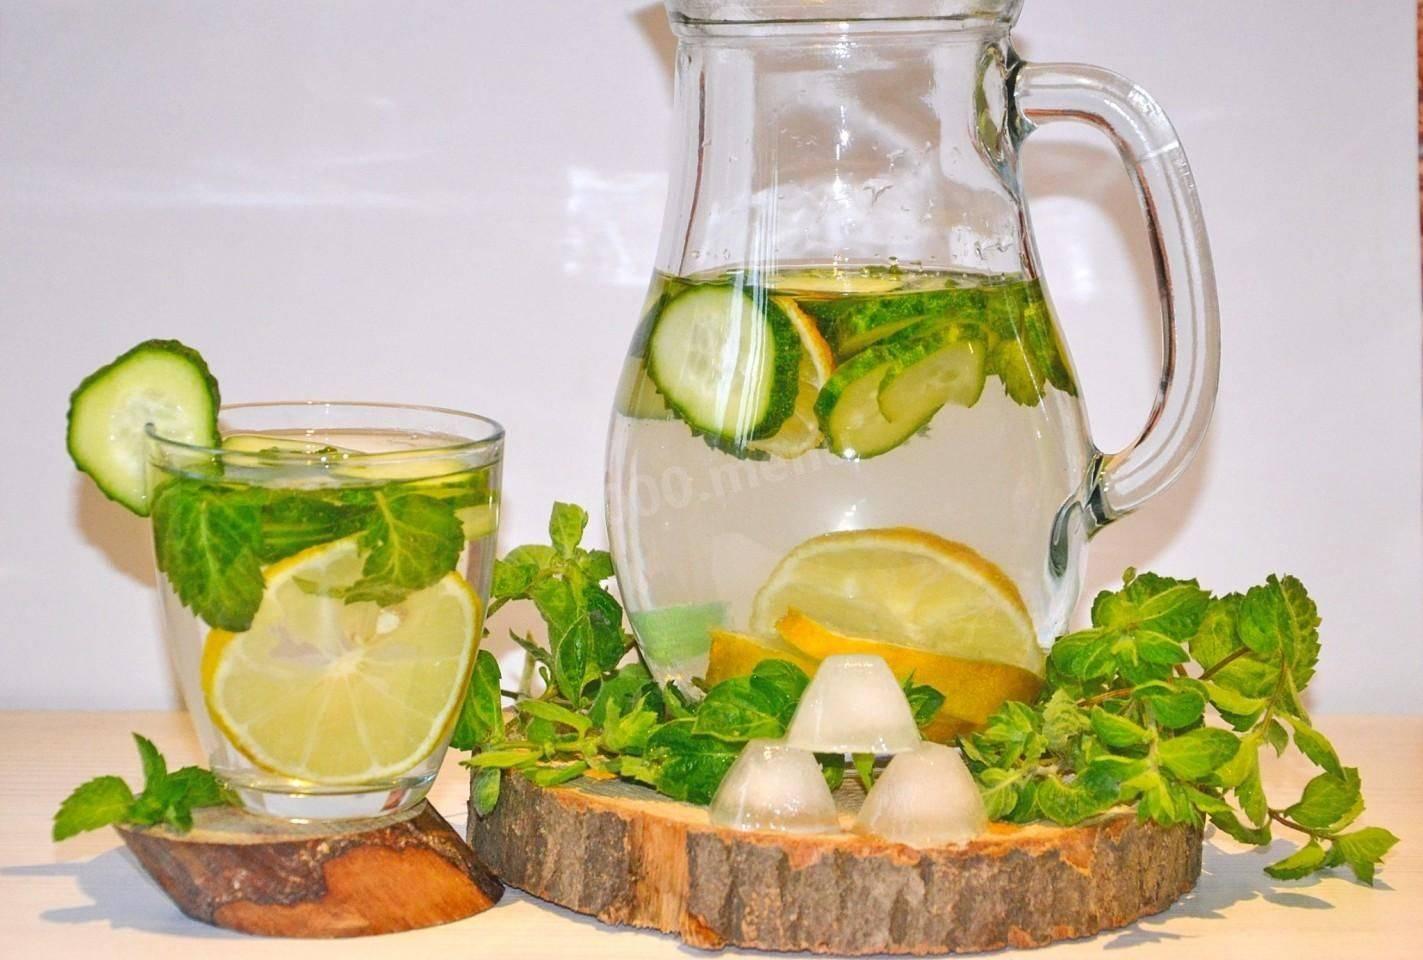 ❶ вода с лимоном для устранения похмелья